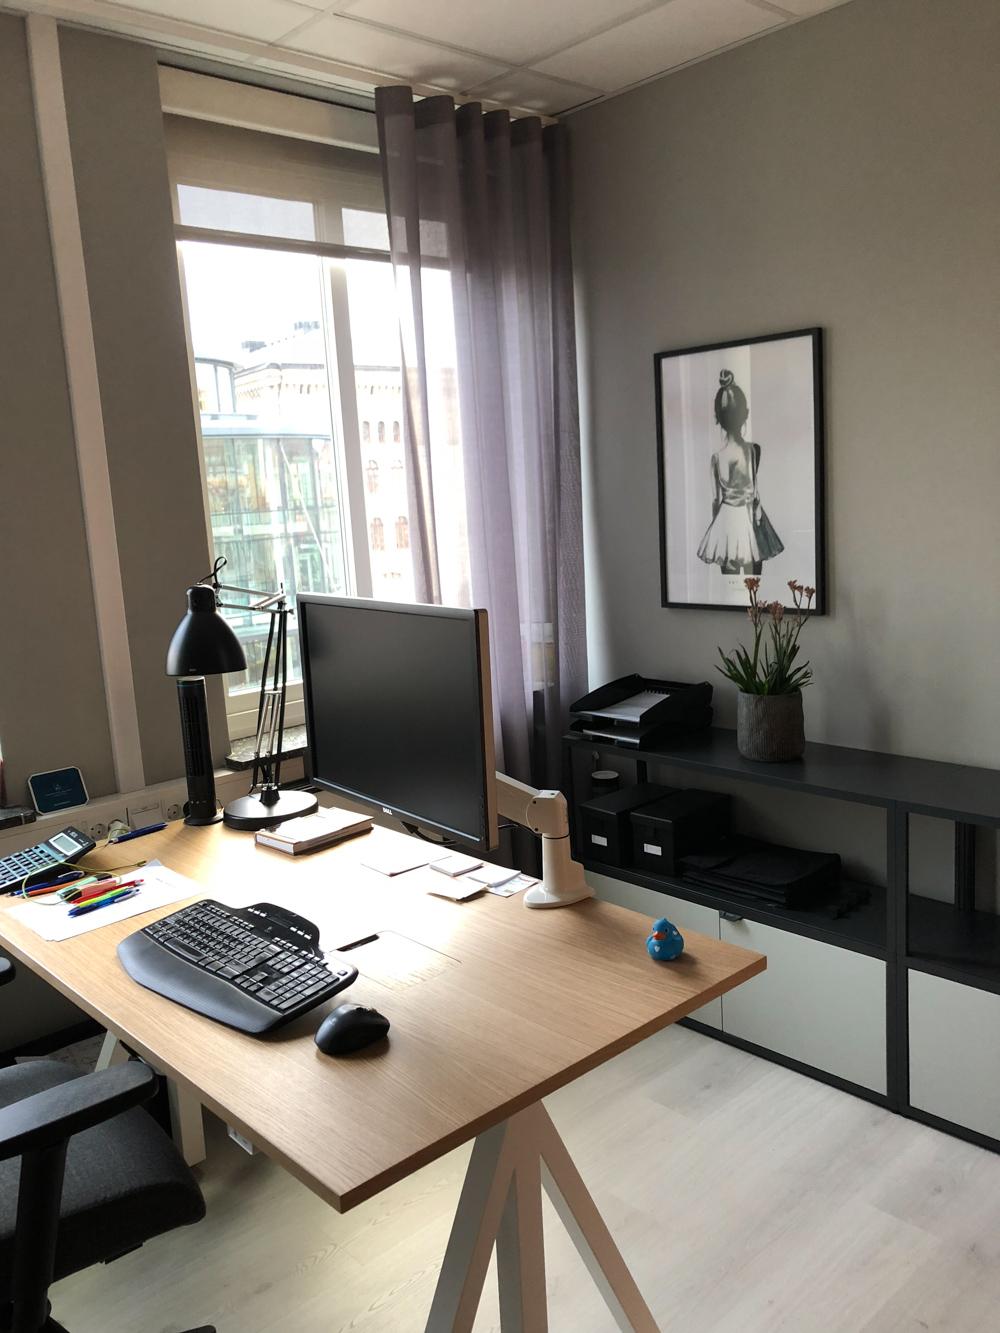 pippi-studio-cng-19